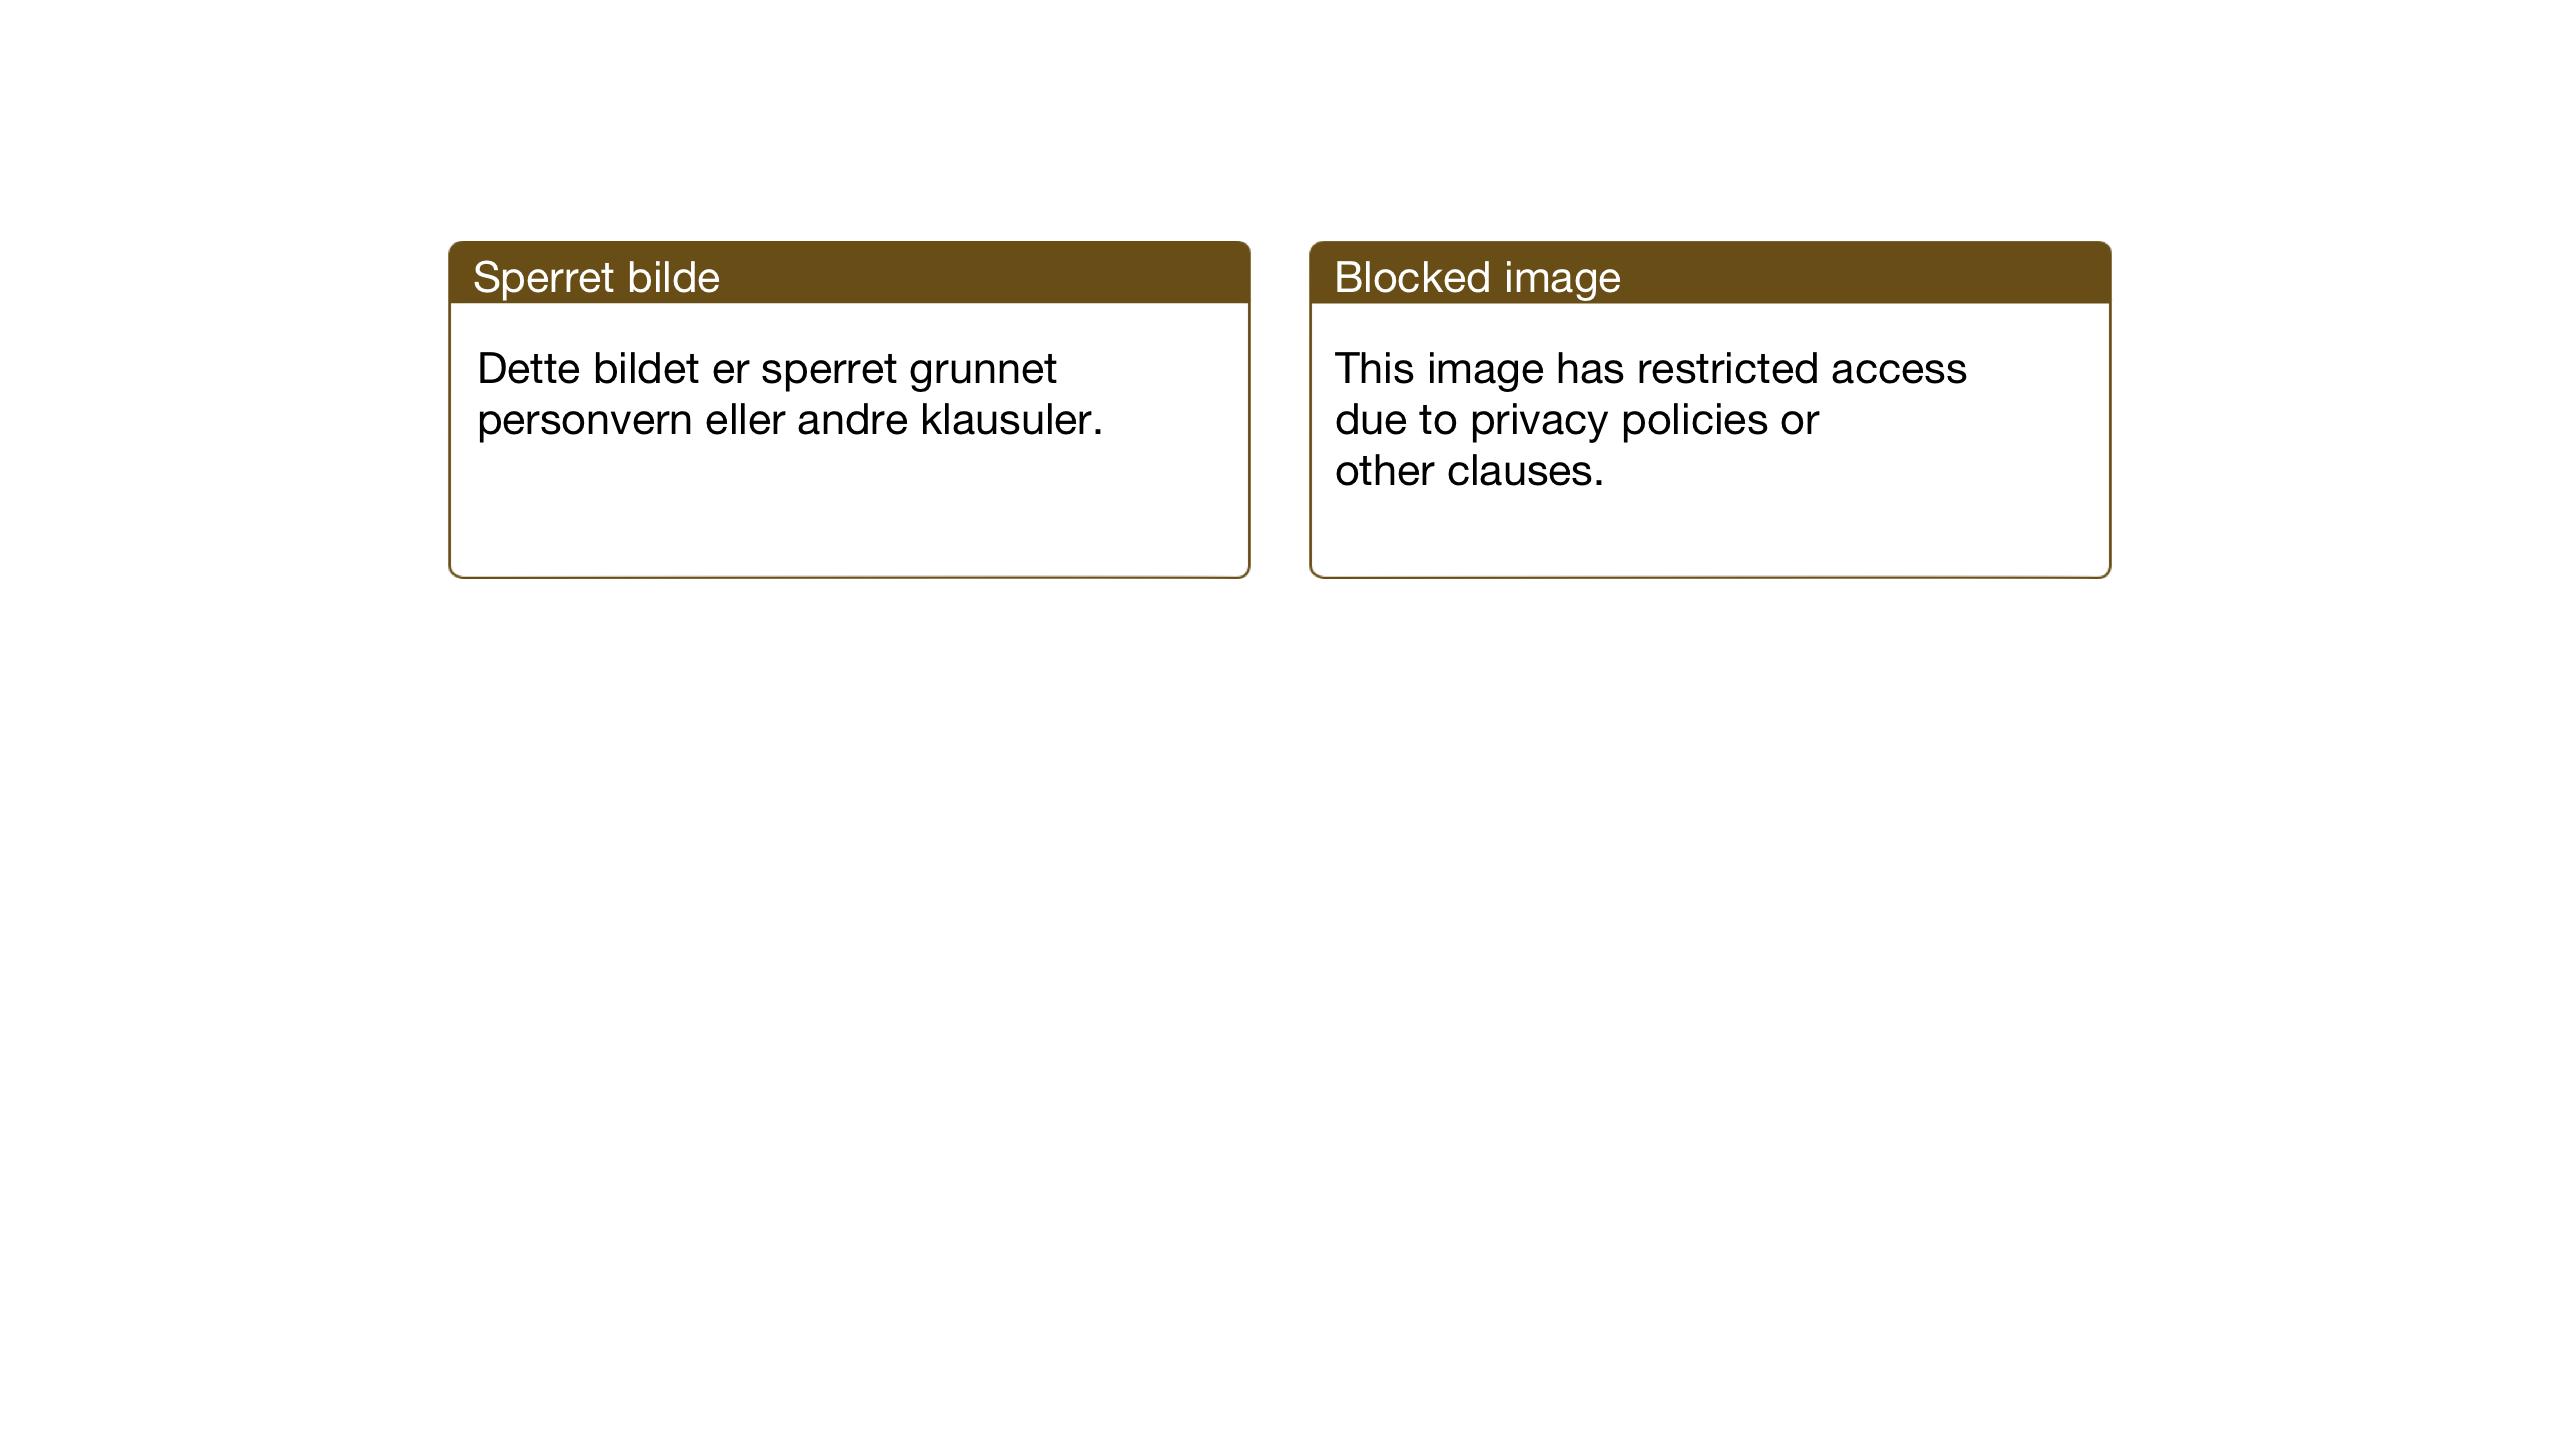 SAT, Ministerialprotokoller, klokkerbøker og fødselsregistre - Nord-Trøndelag, 710/L0097: Klokkerbok nr. 710C02, 1925-1955, s. 34